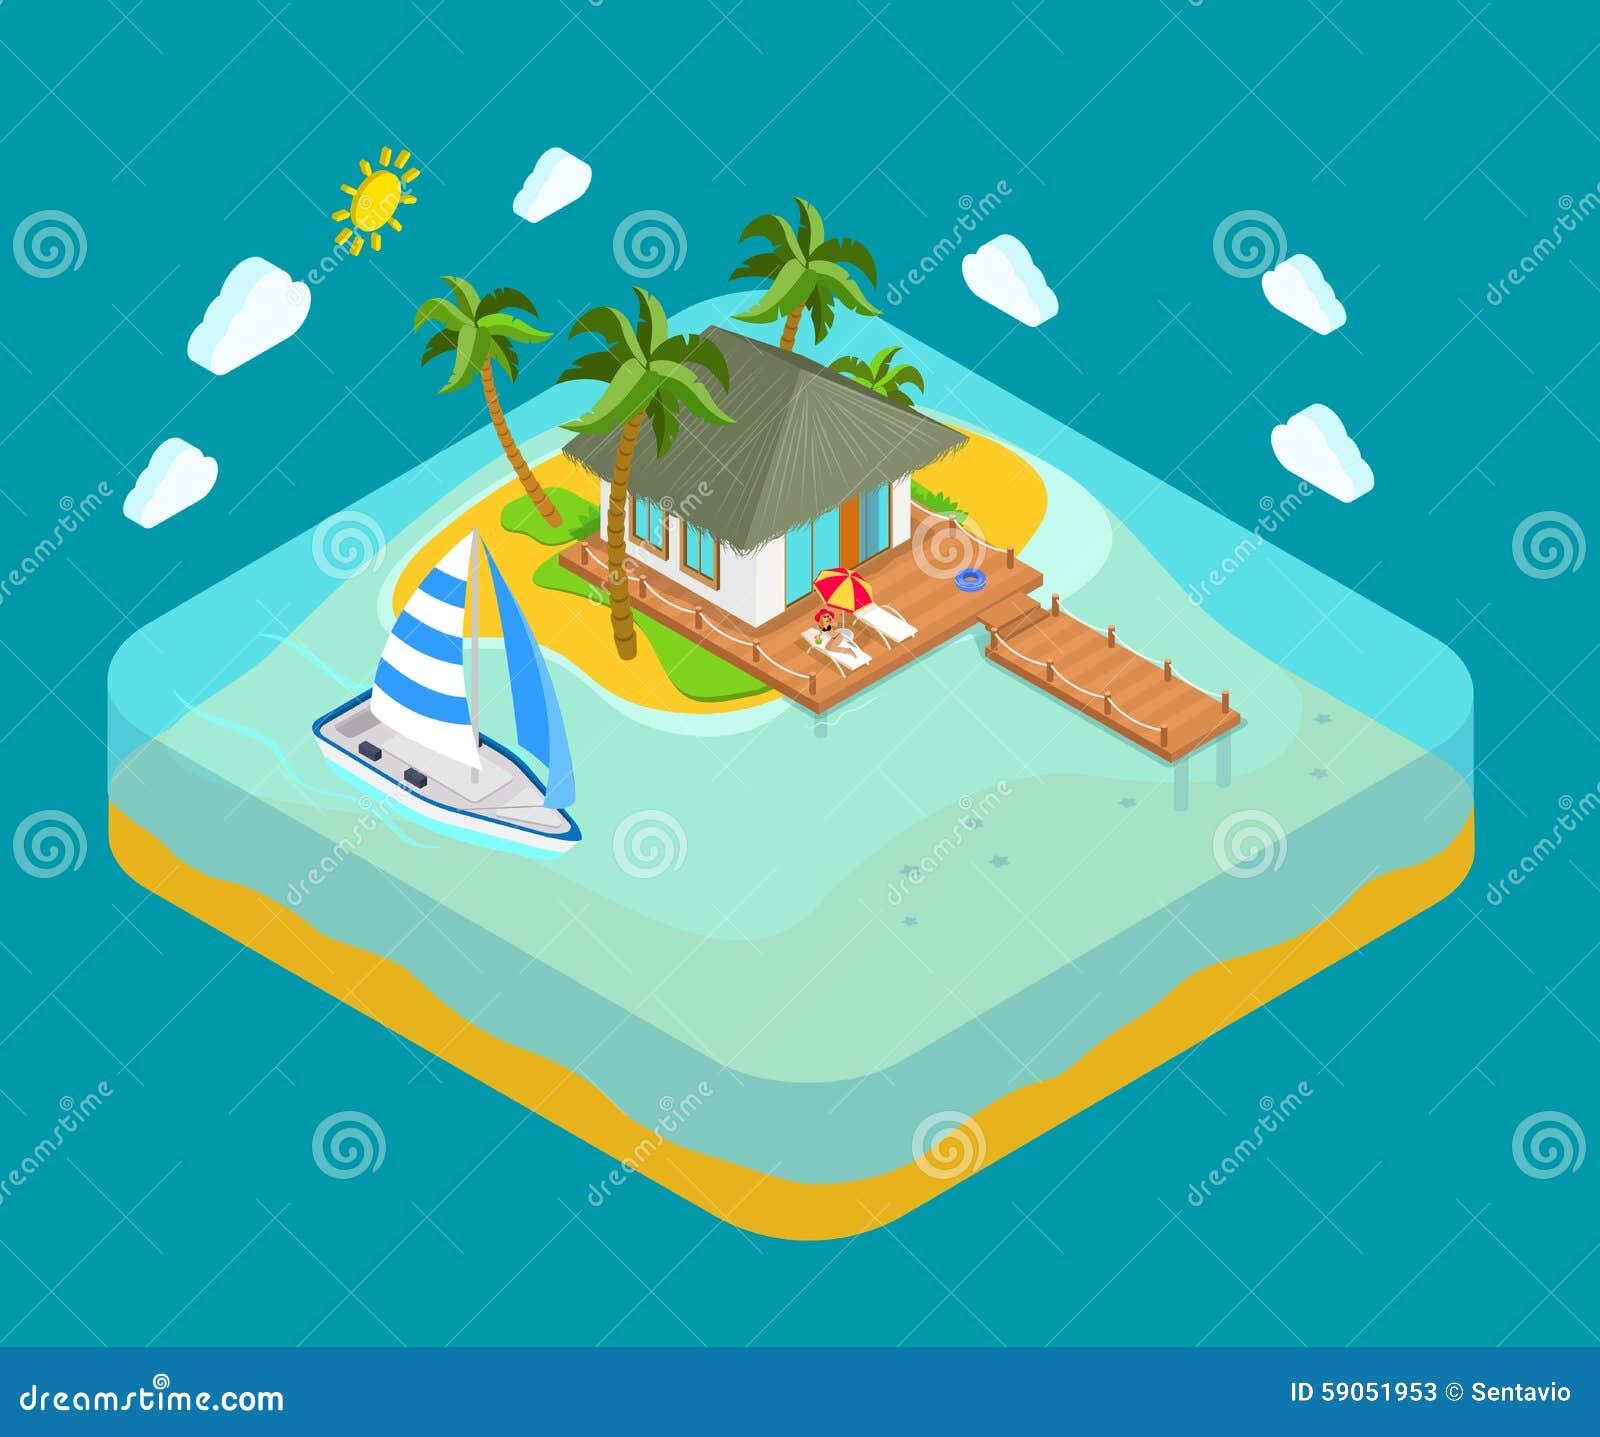 Vändkretsön, havet, strand - resa det isometriska begreppet för semestern